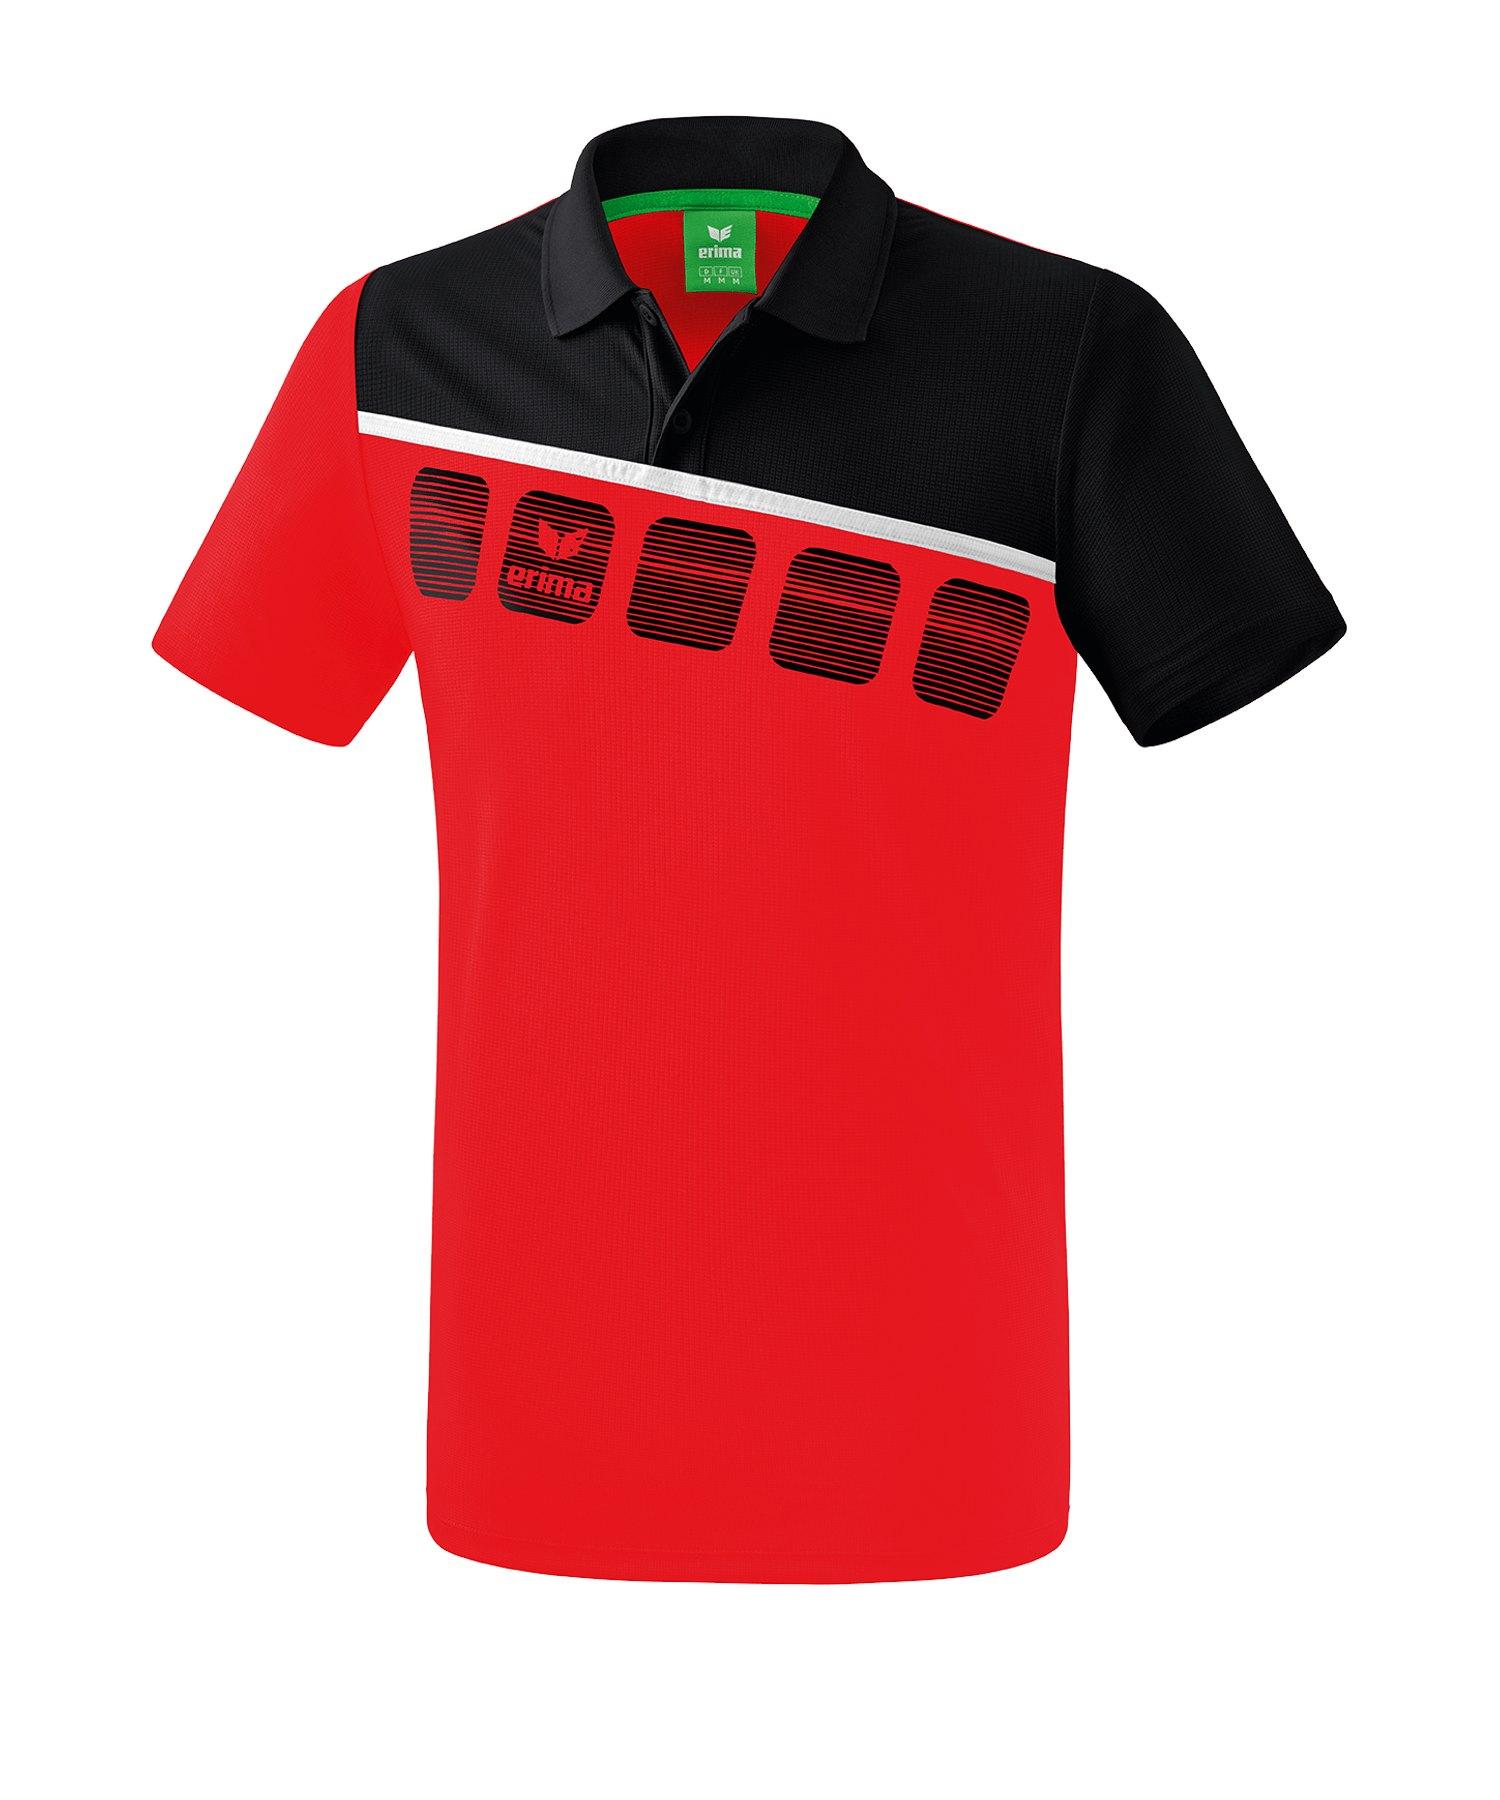 Erima 5-C Poloshirt Kids Rot Schwarz - Rot